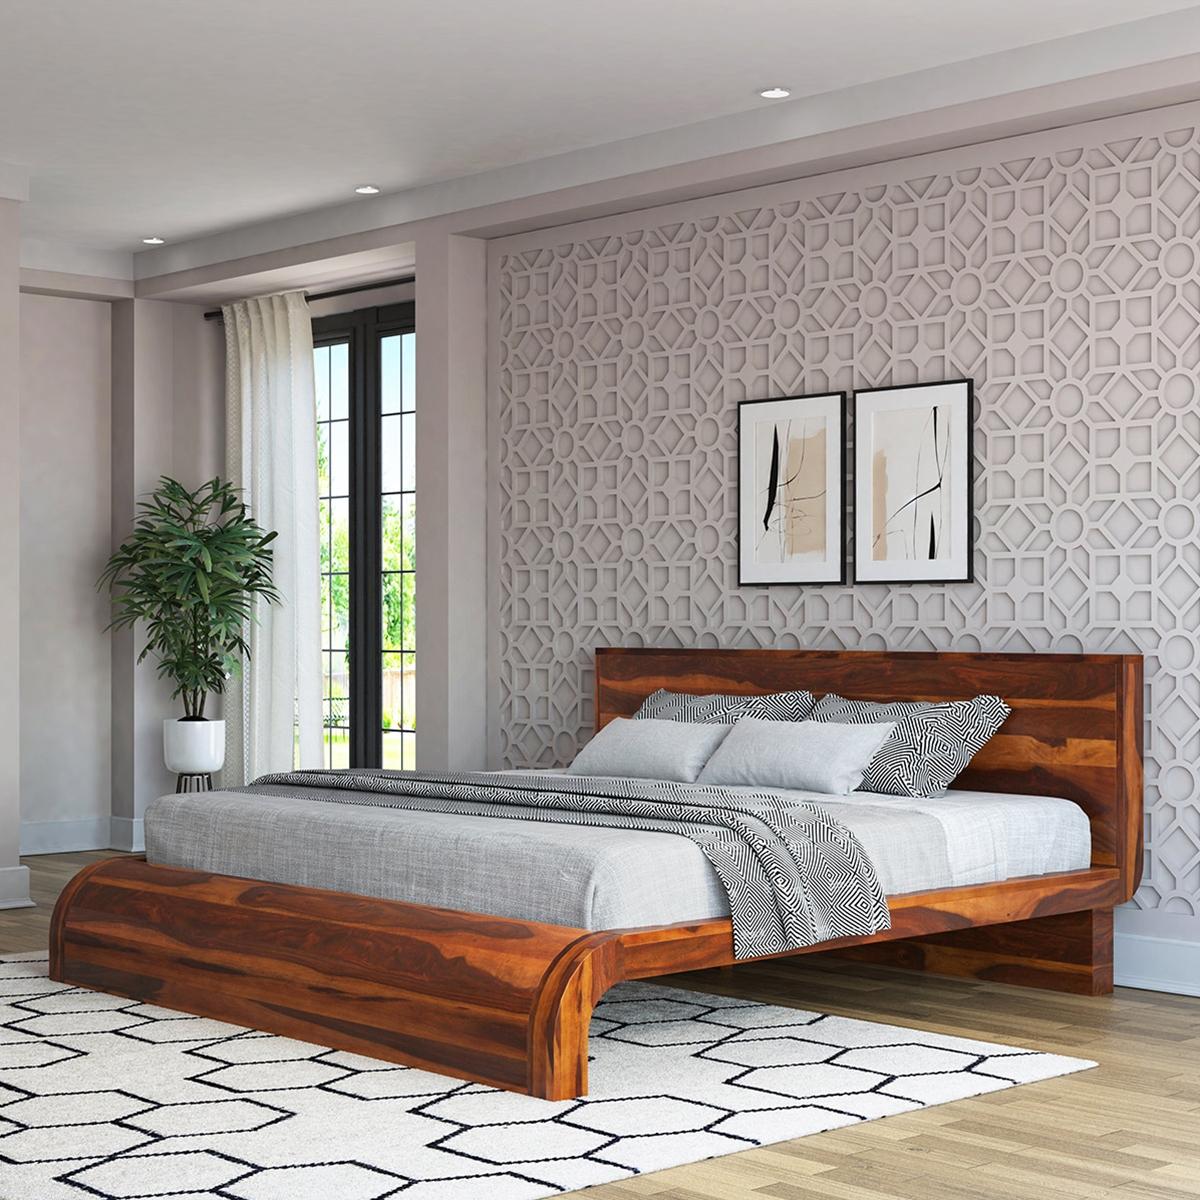 rebecca solid wood curved platform bed. Black Bedroom Furniture Sets. Home Design Ideas